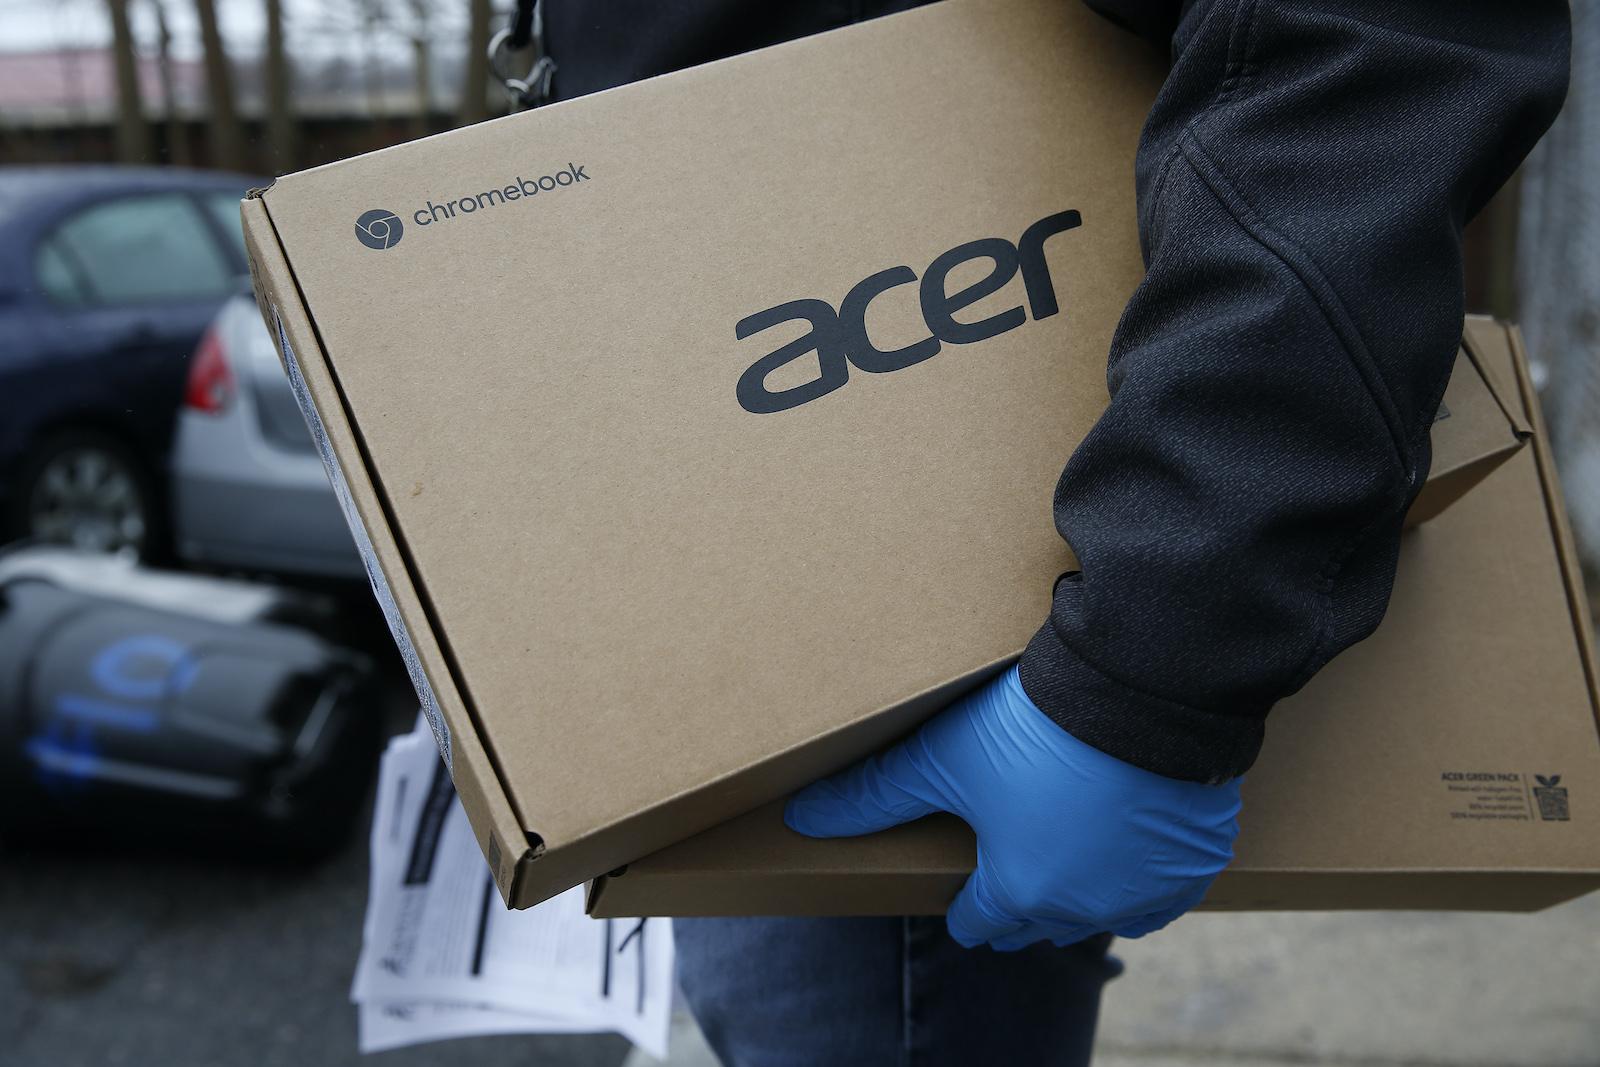 波士頓,馬薩諸塞州-3月19日:波士頓公立學校員工Giscar Centeio持有兩台筆記本電腦,因為他會在2020年3月19日在波士頓向學生分發Acer chromebooks的空運行去門口。馬薩諸塞州的學校已經關閉以阻止冠狀病毒的傳播。  (照片由傑西卡·里納爾迪(Jessica Rinaldi)/《波士頓環球報》通過蓋蒂圖片社提供)